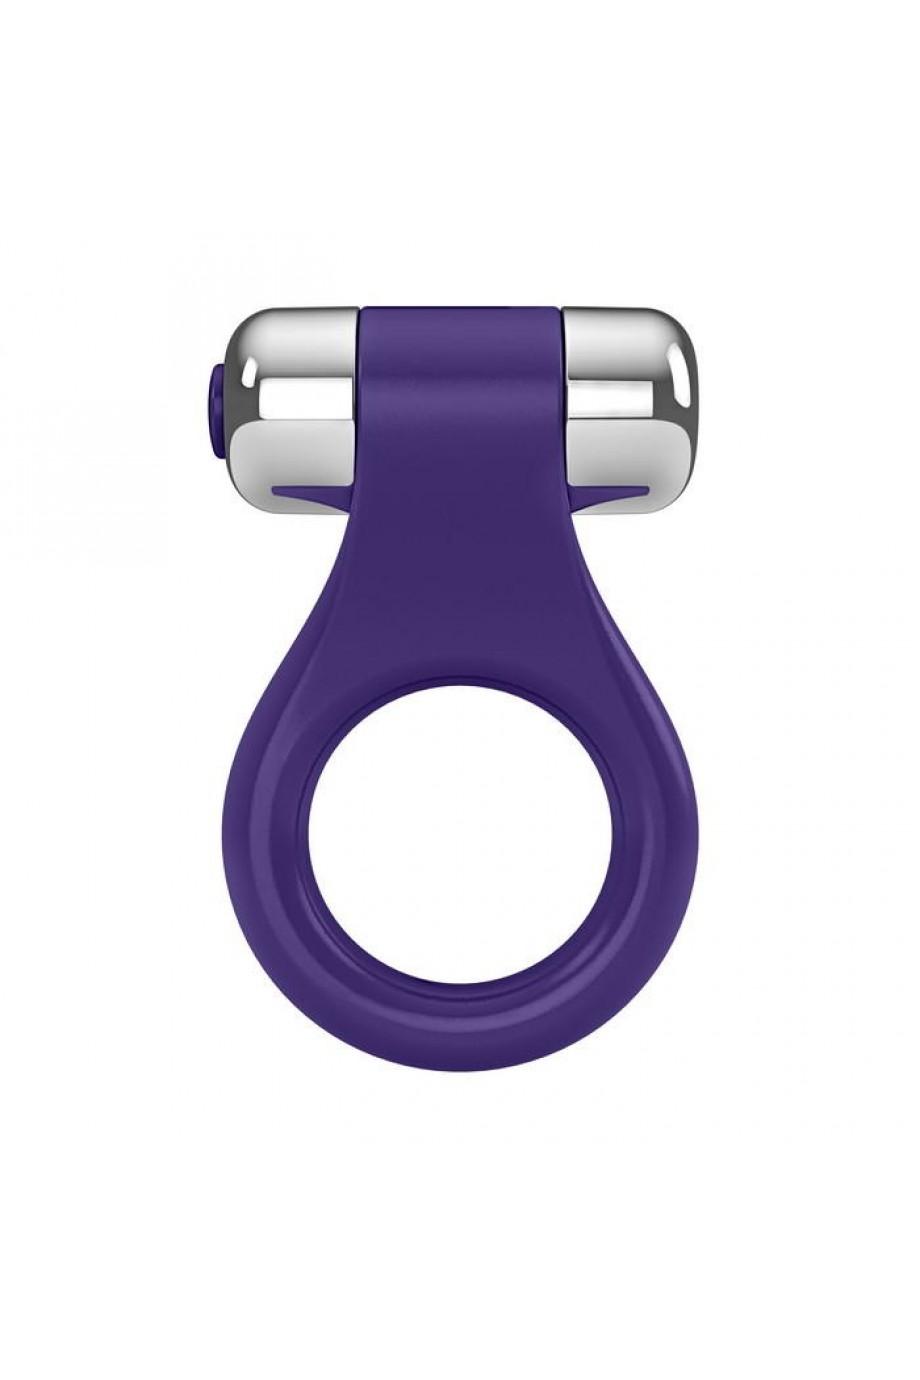 Эрекционное кольцо OVO в форме драгоценного изделия с вибрацией, силиконовое, ежевичное